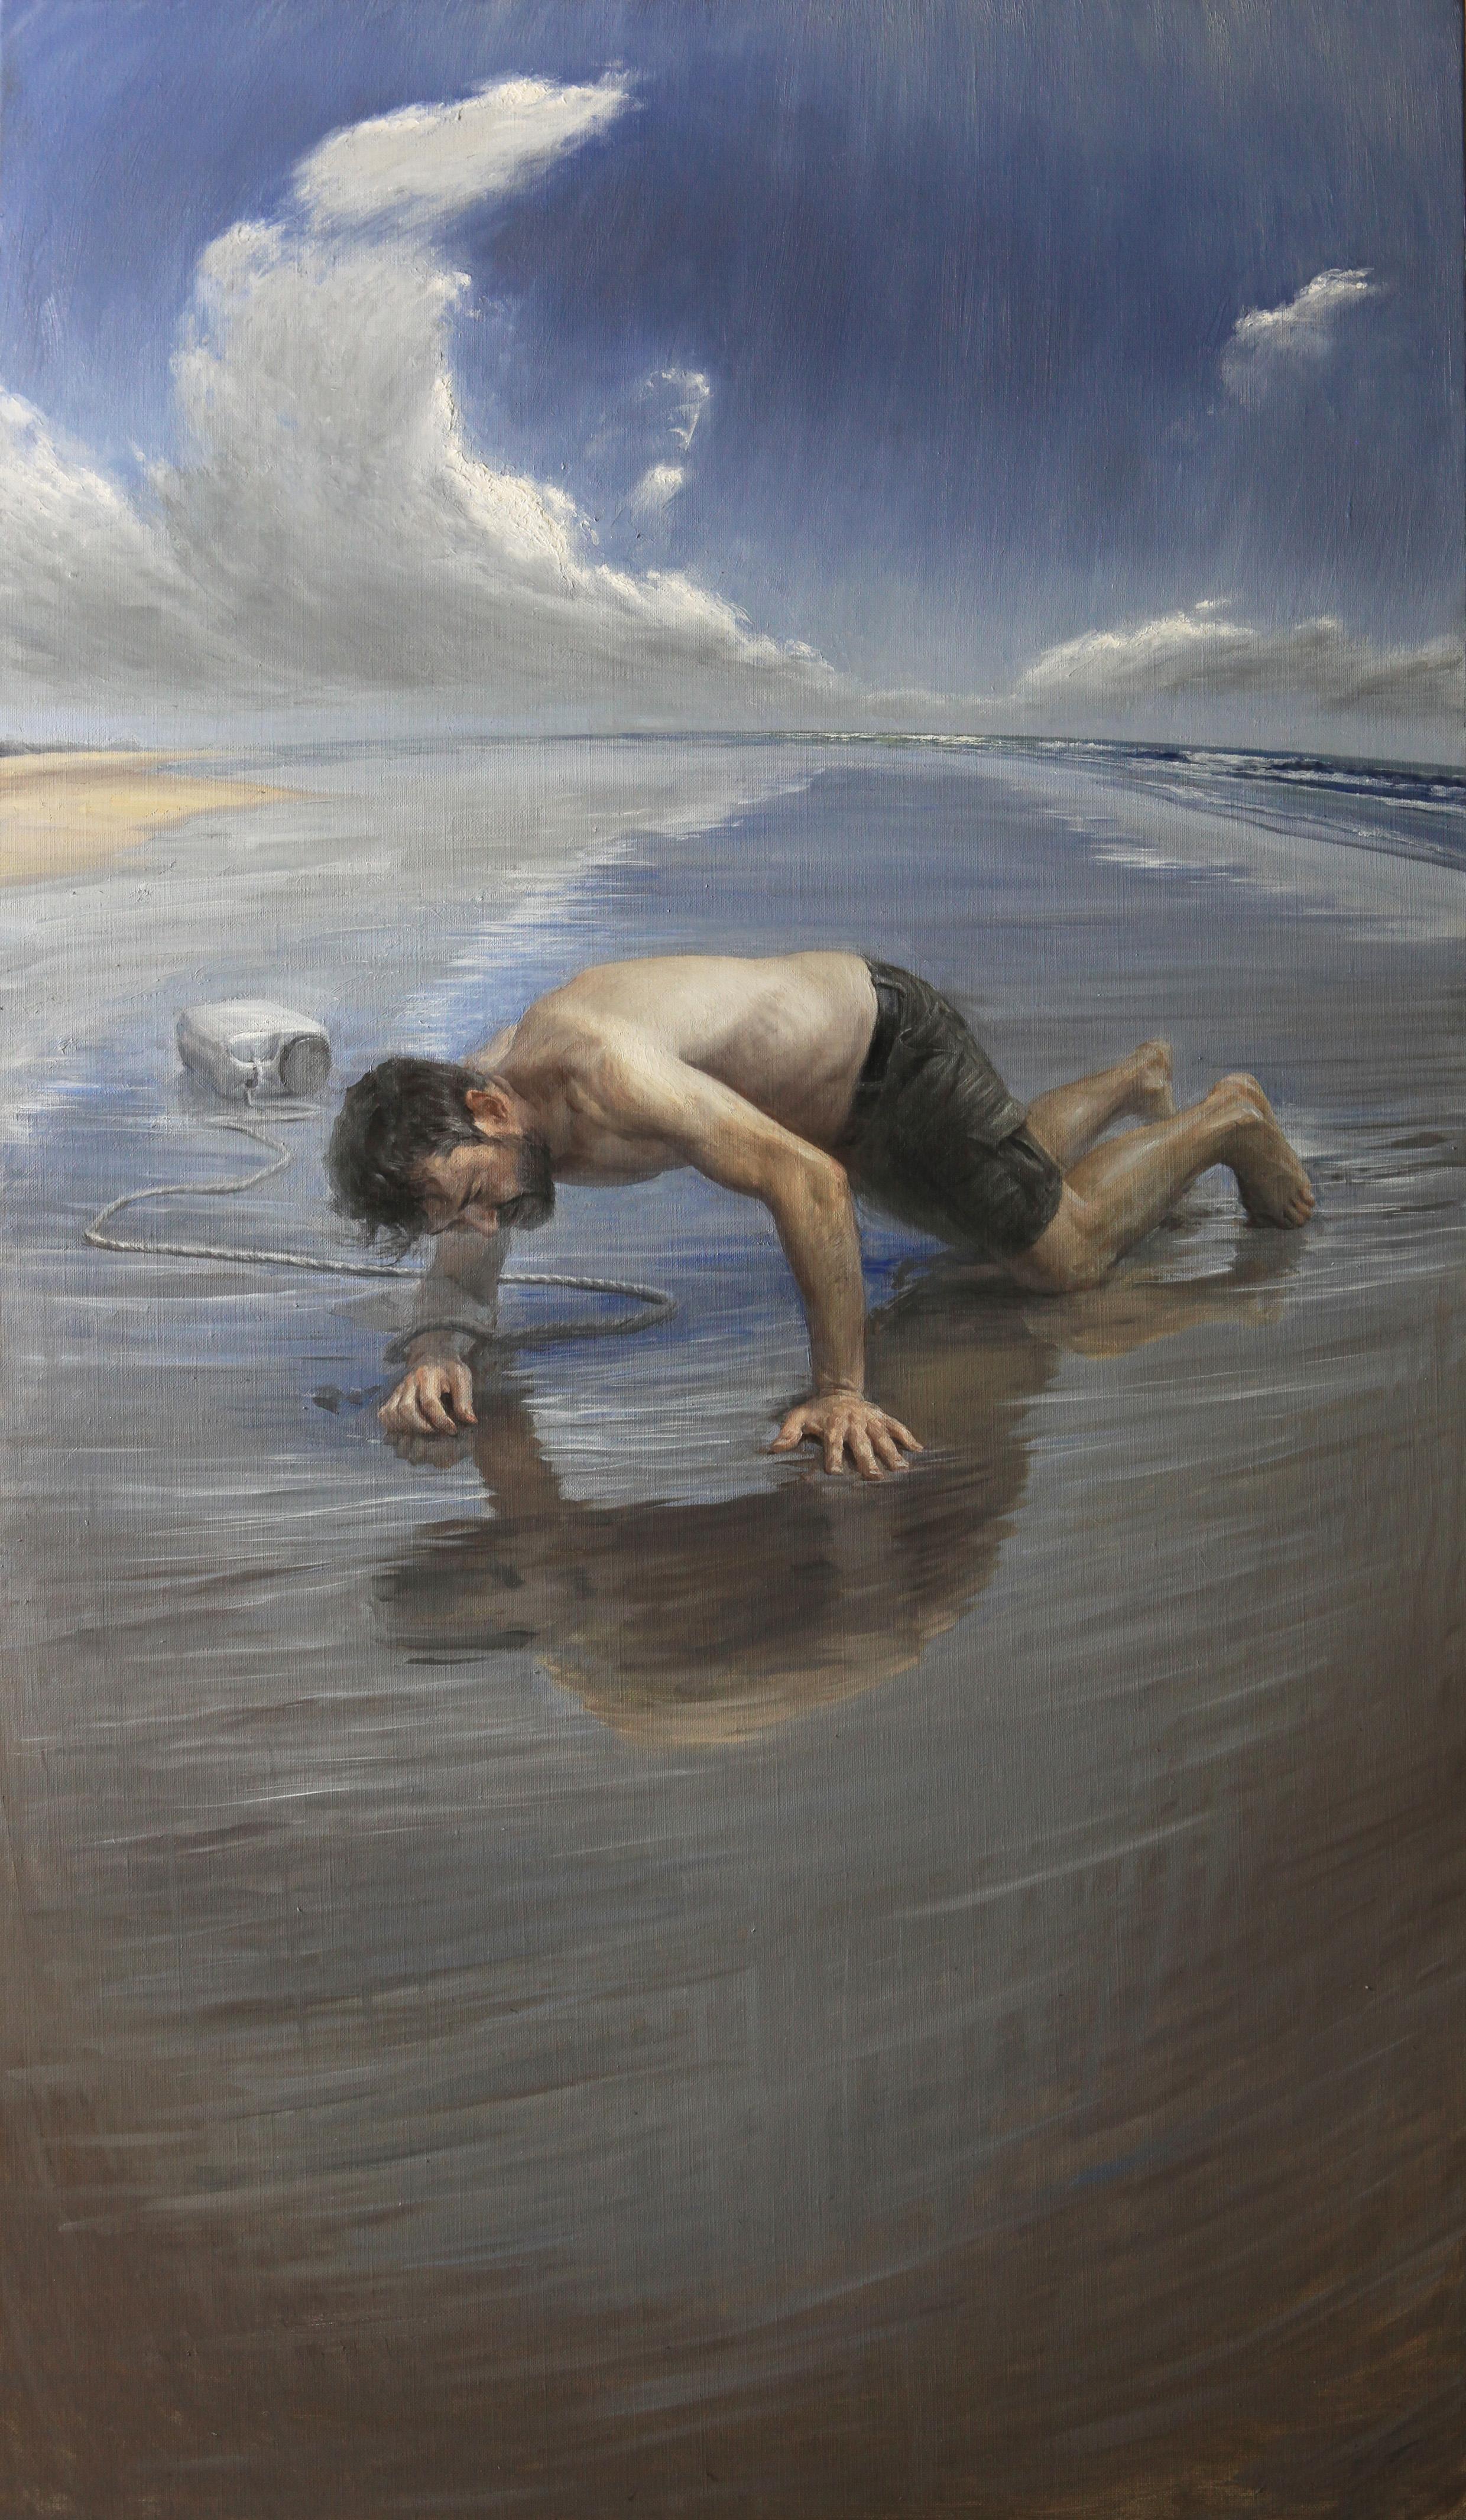 Shipwreck Survivor